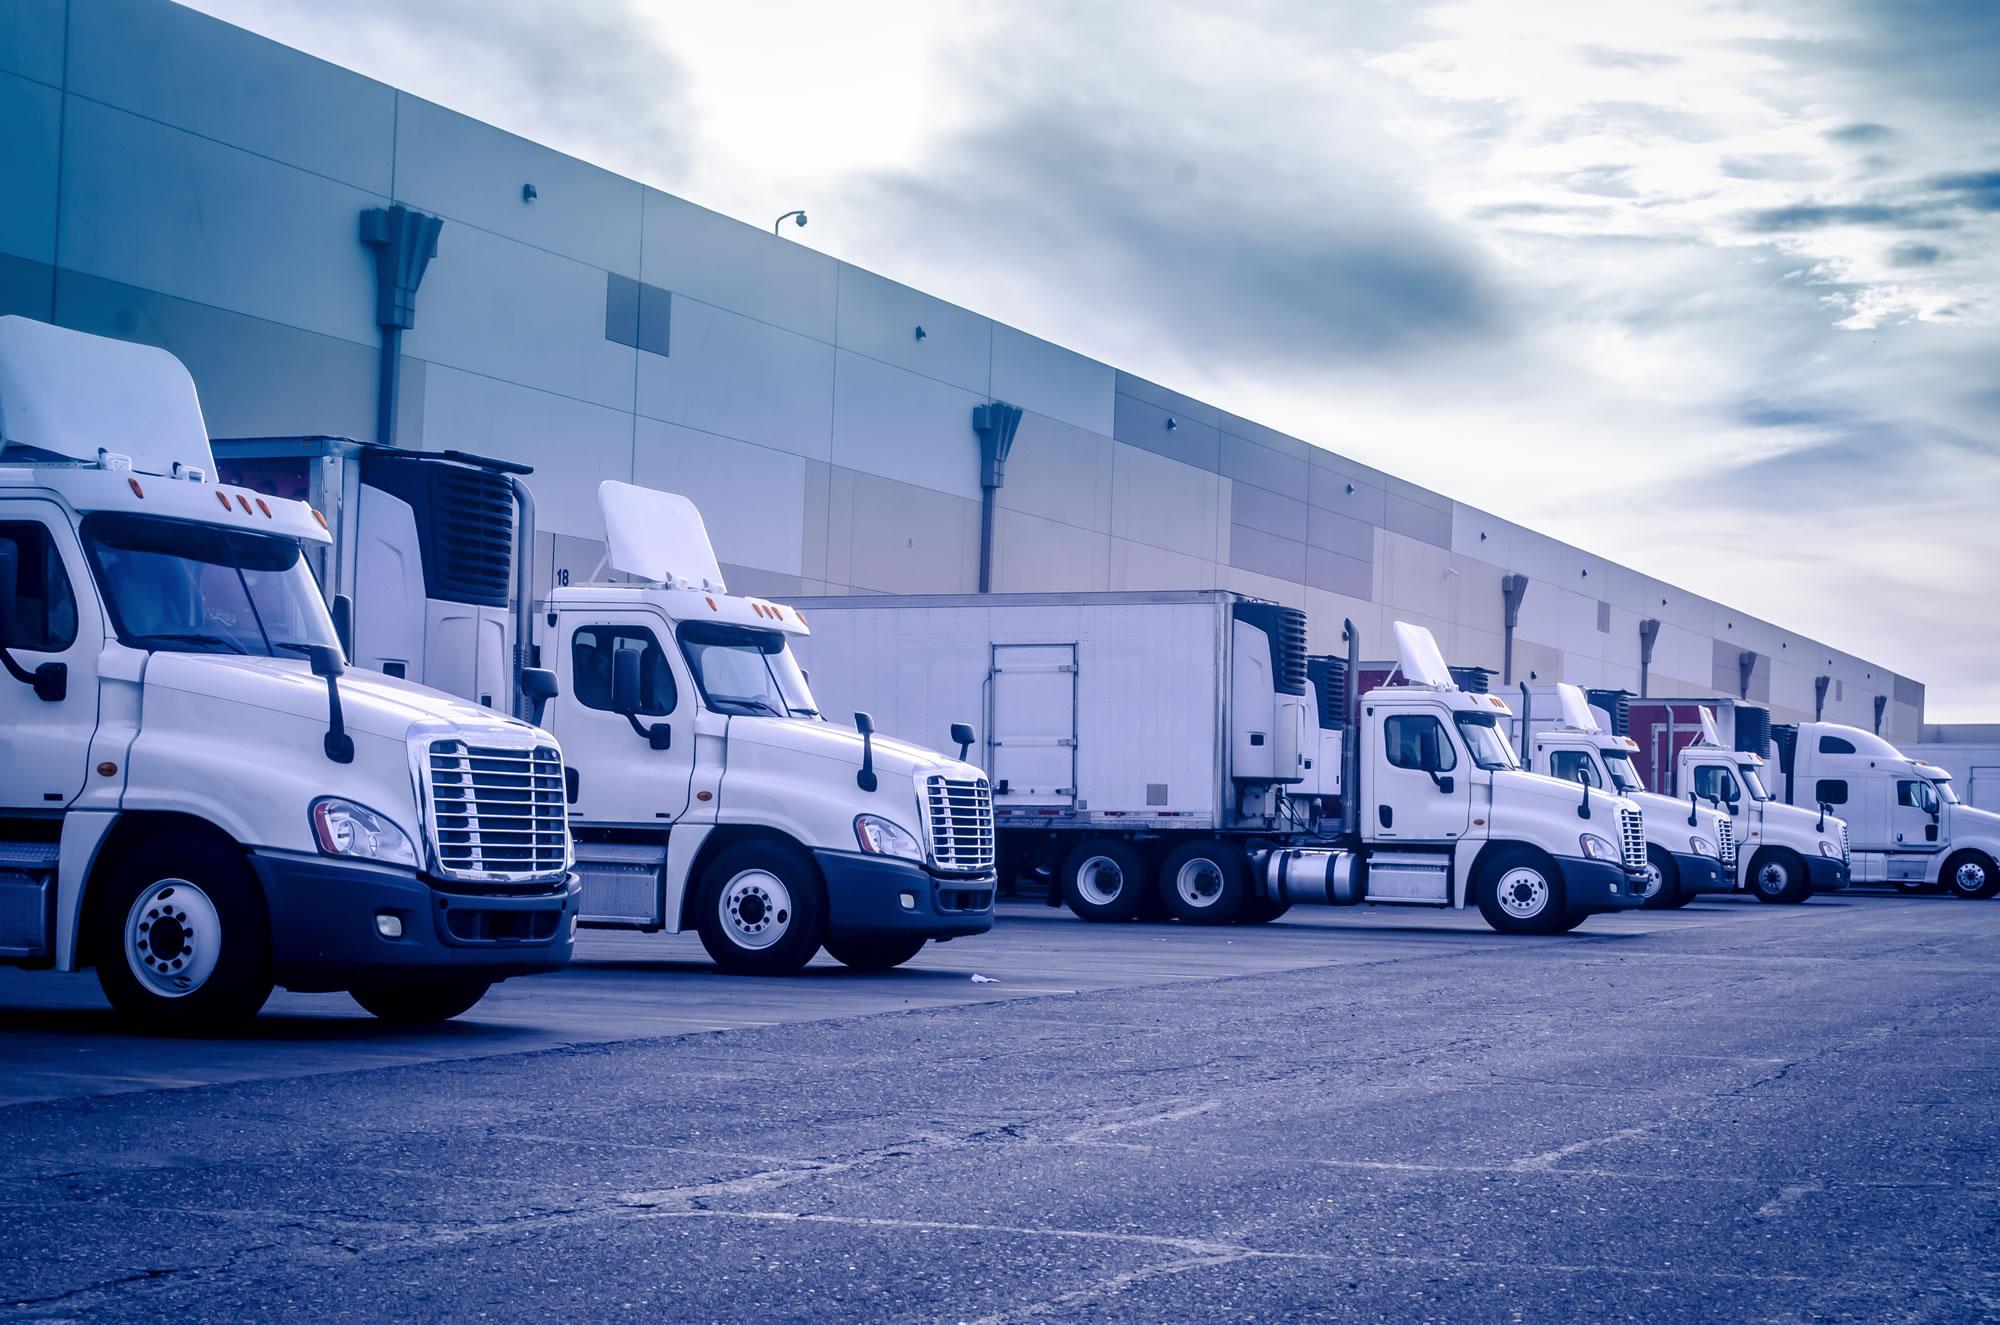 Fleet trucking insurance